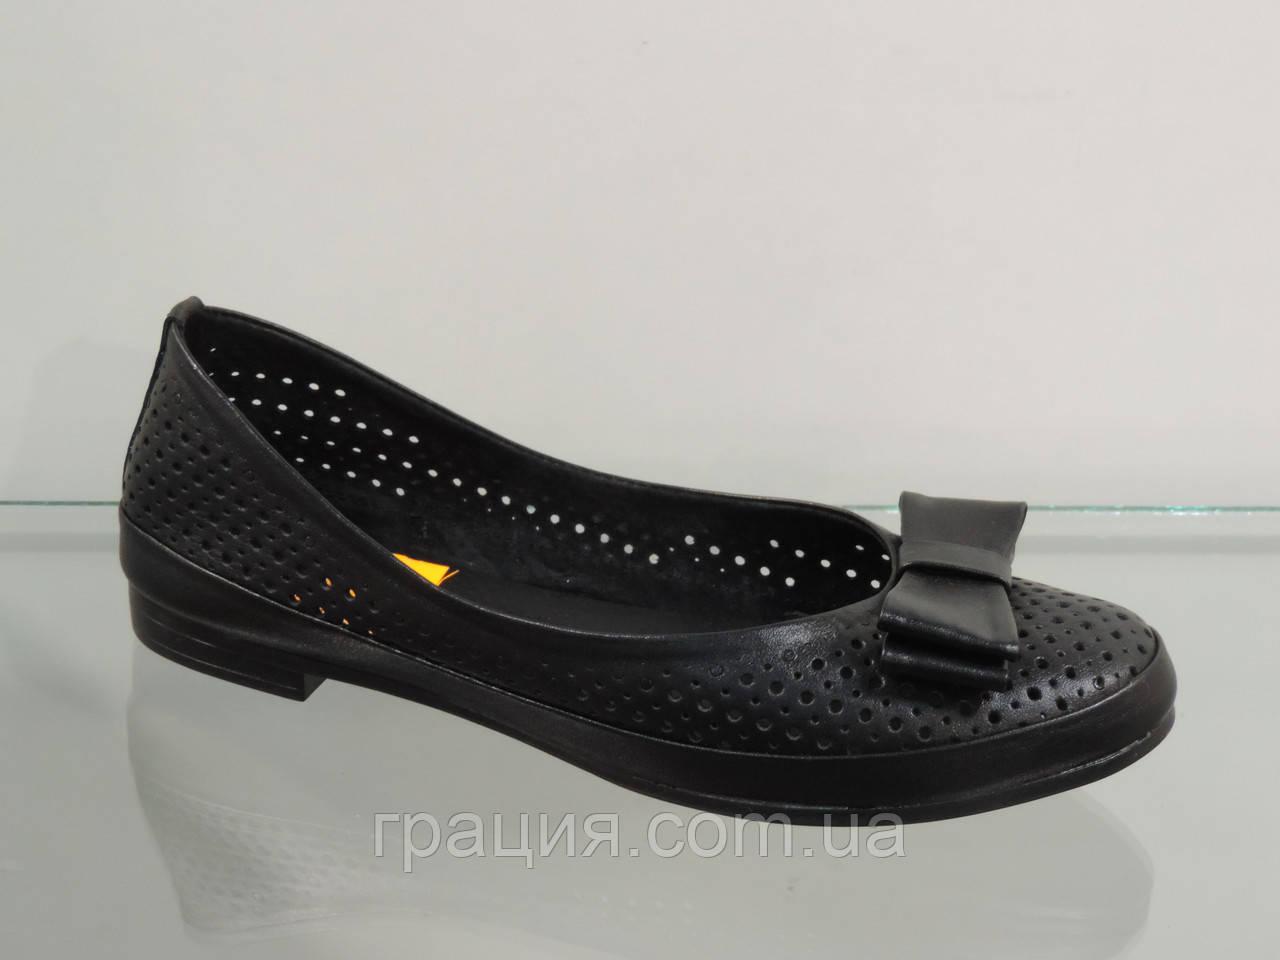 Туфли женские кожаные мягкие с перфорацией